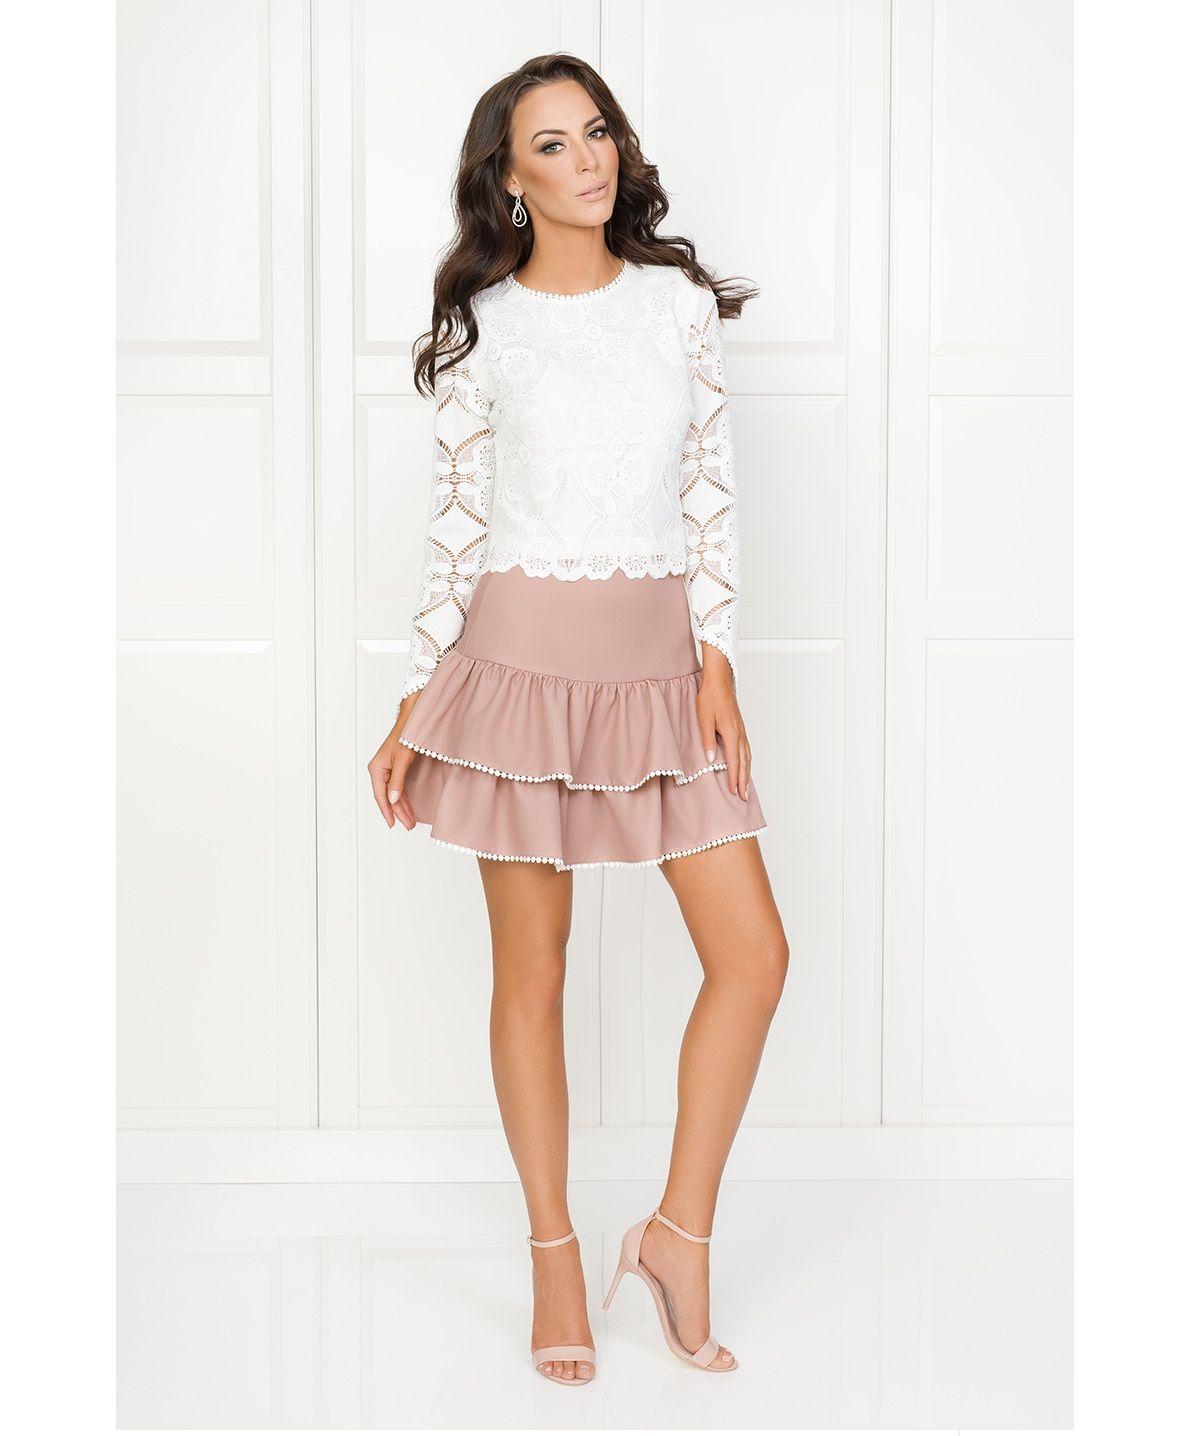 5295360e0b Illuminate.pl Komplet Nell -Spódnica o długości mini oraz elegancka  koronkowa biała bluzeczka z